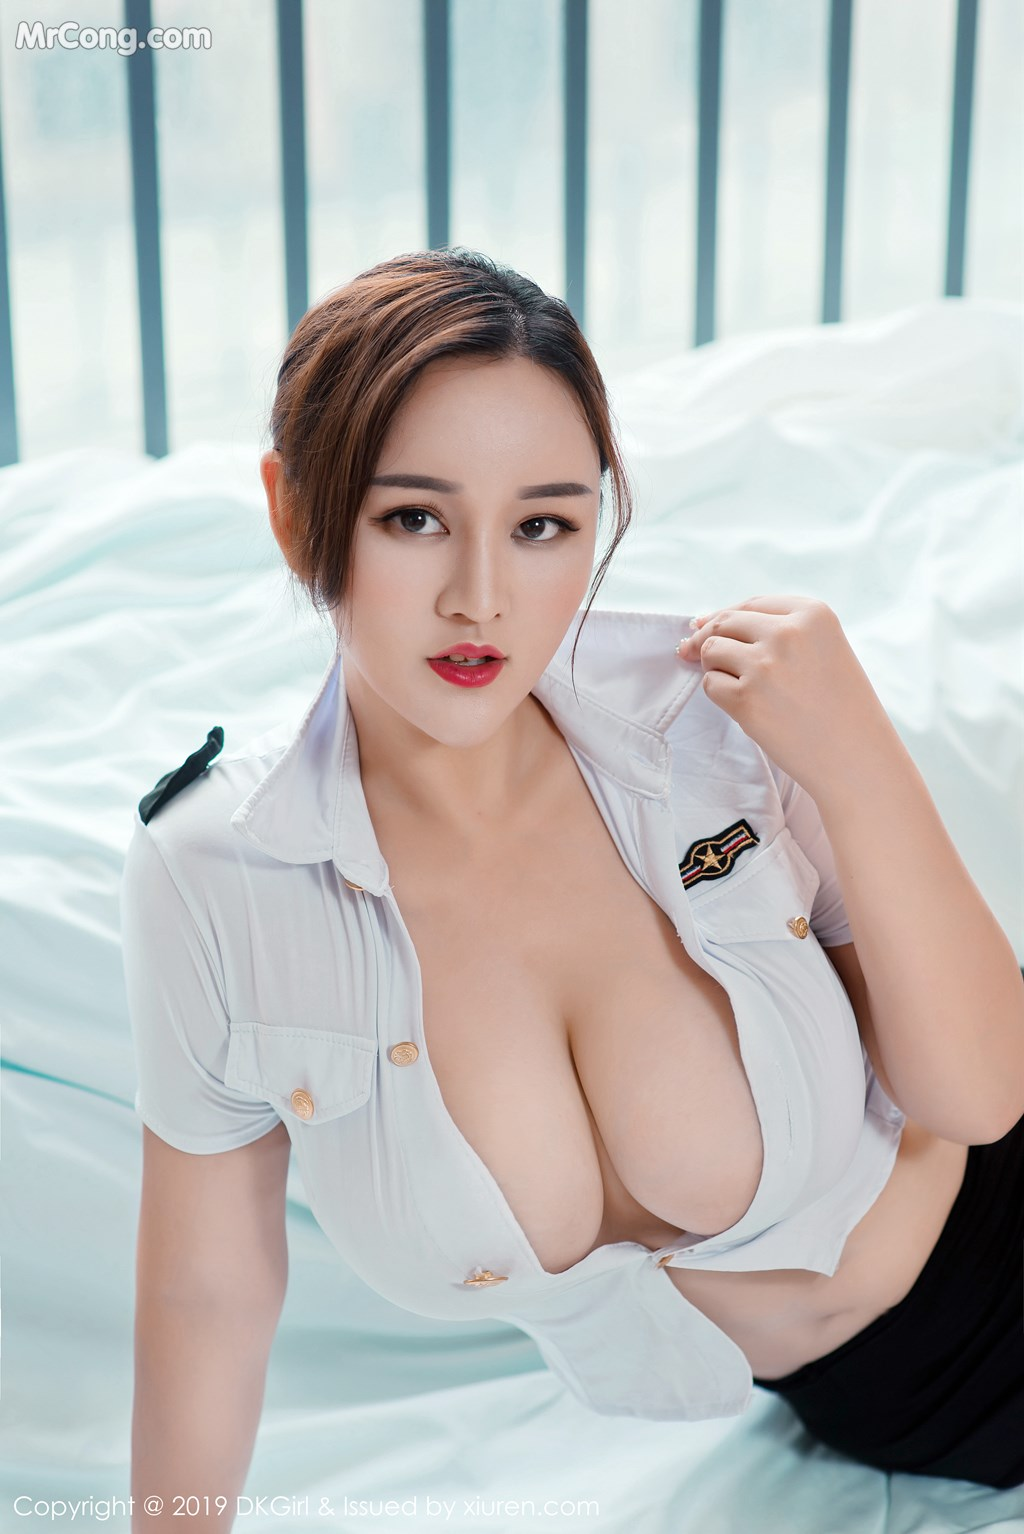 Image DKGirl-Vol.107-ber-MrCong.com-008 in post DKGirl Vol.107: 潘琳琳ber (54 ảnh)